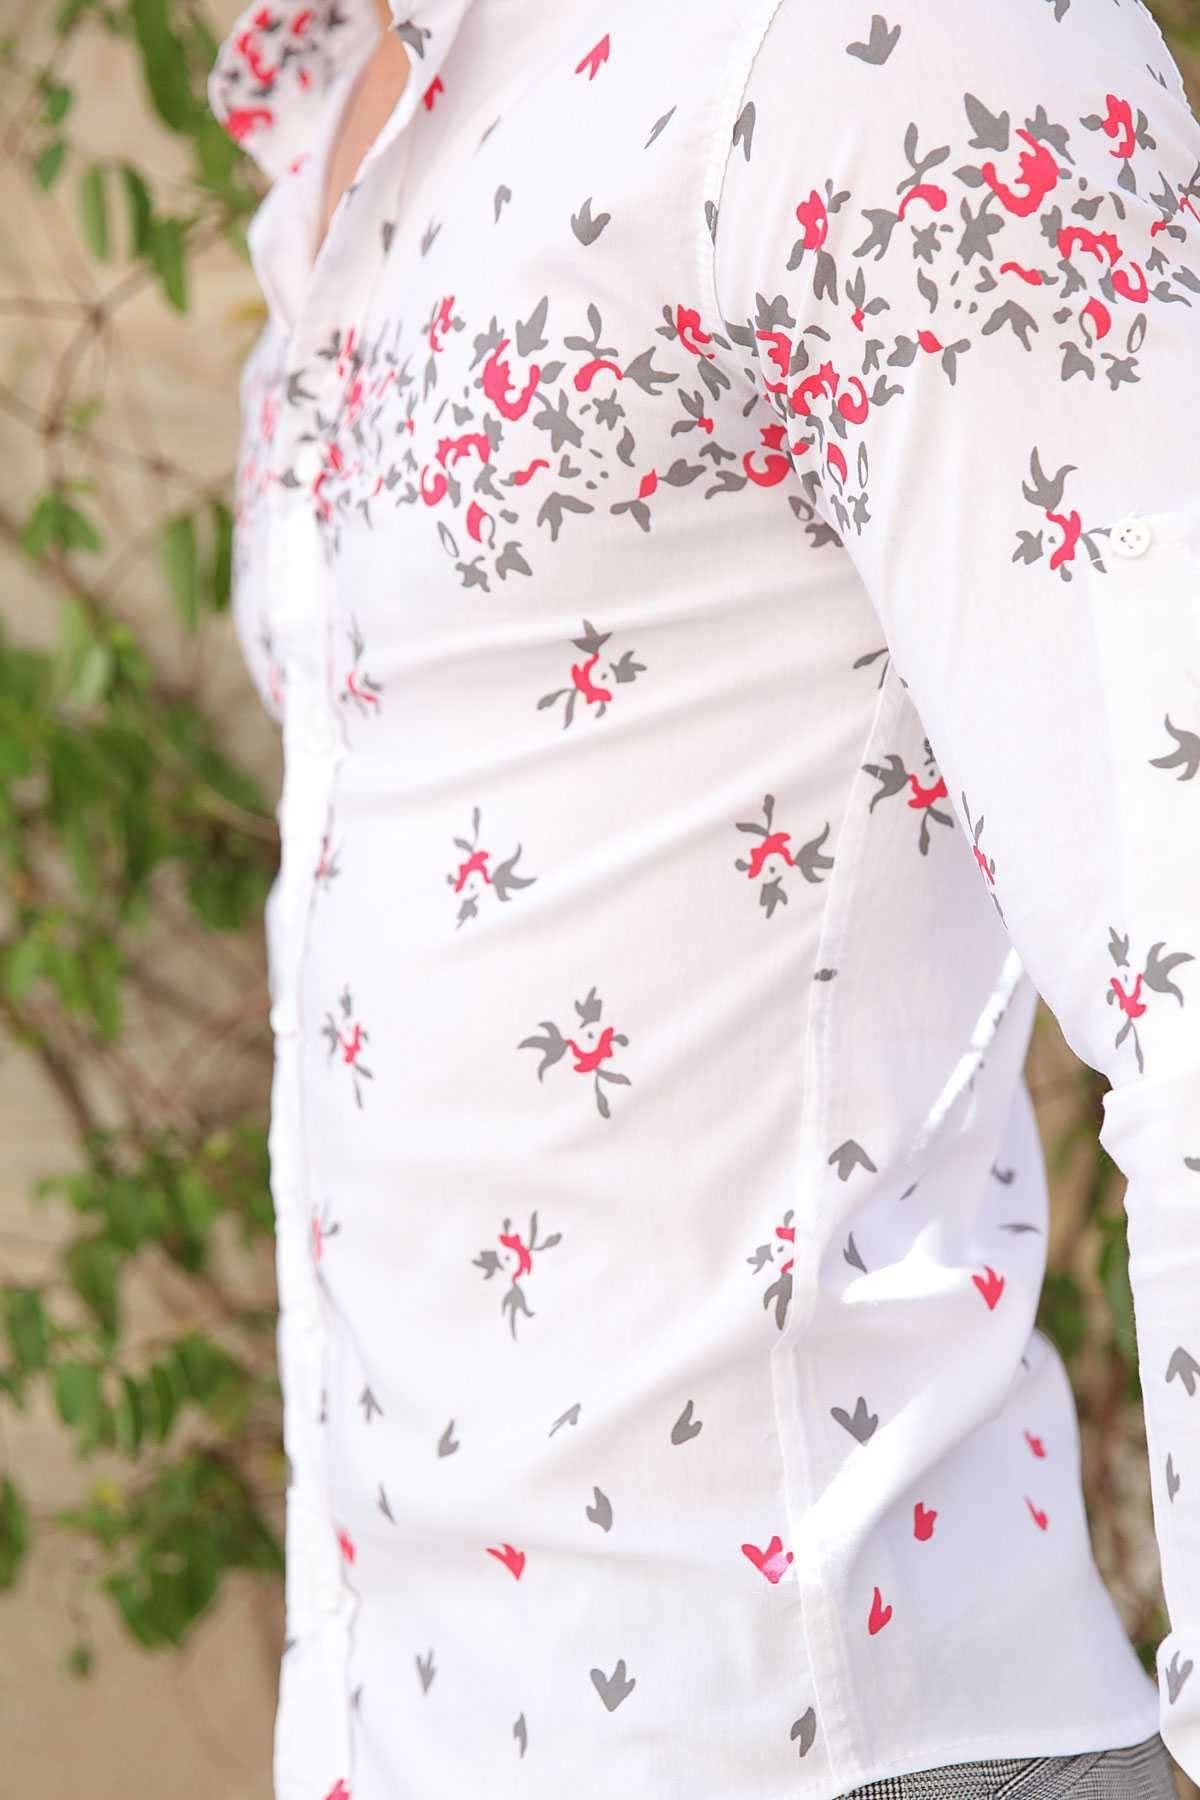 Pano Baskı Desenli Slim Fit Gömlek Beyaz-Kahve